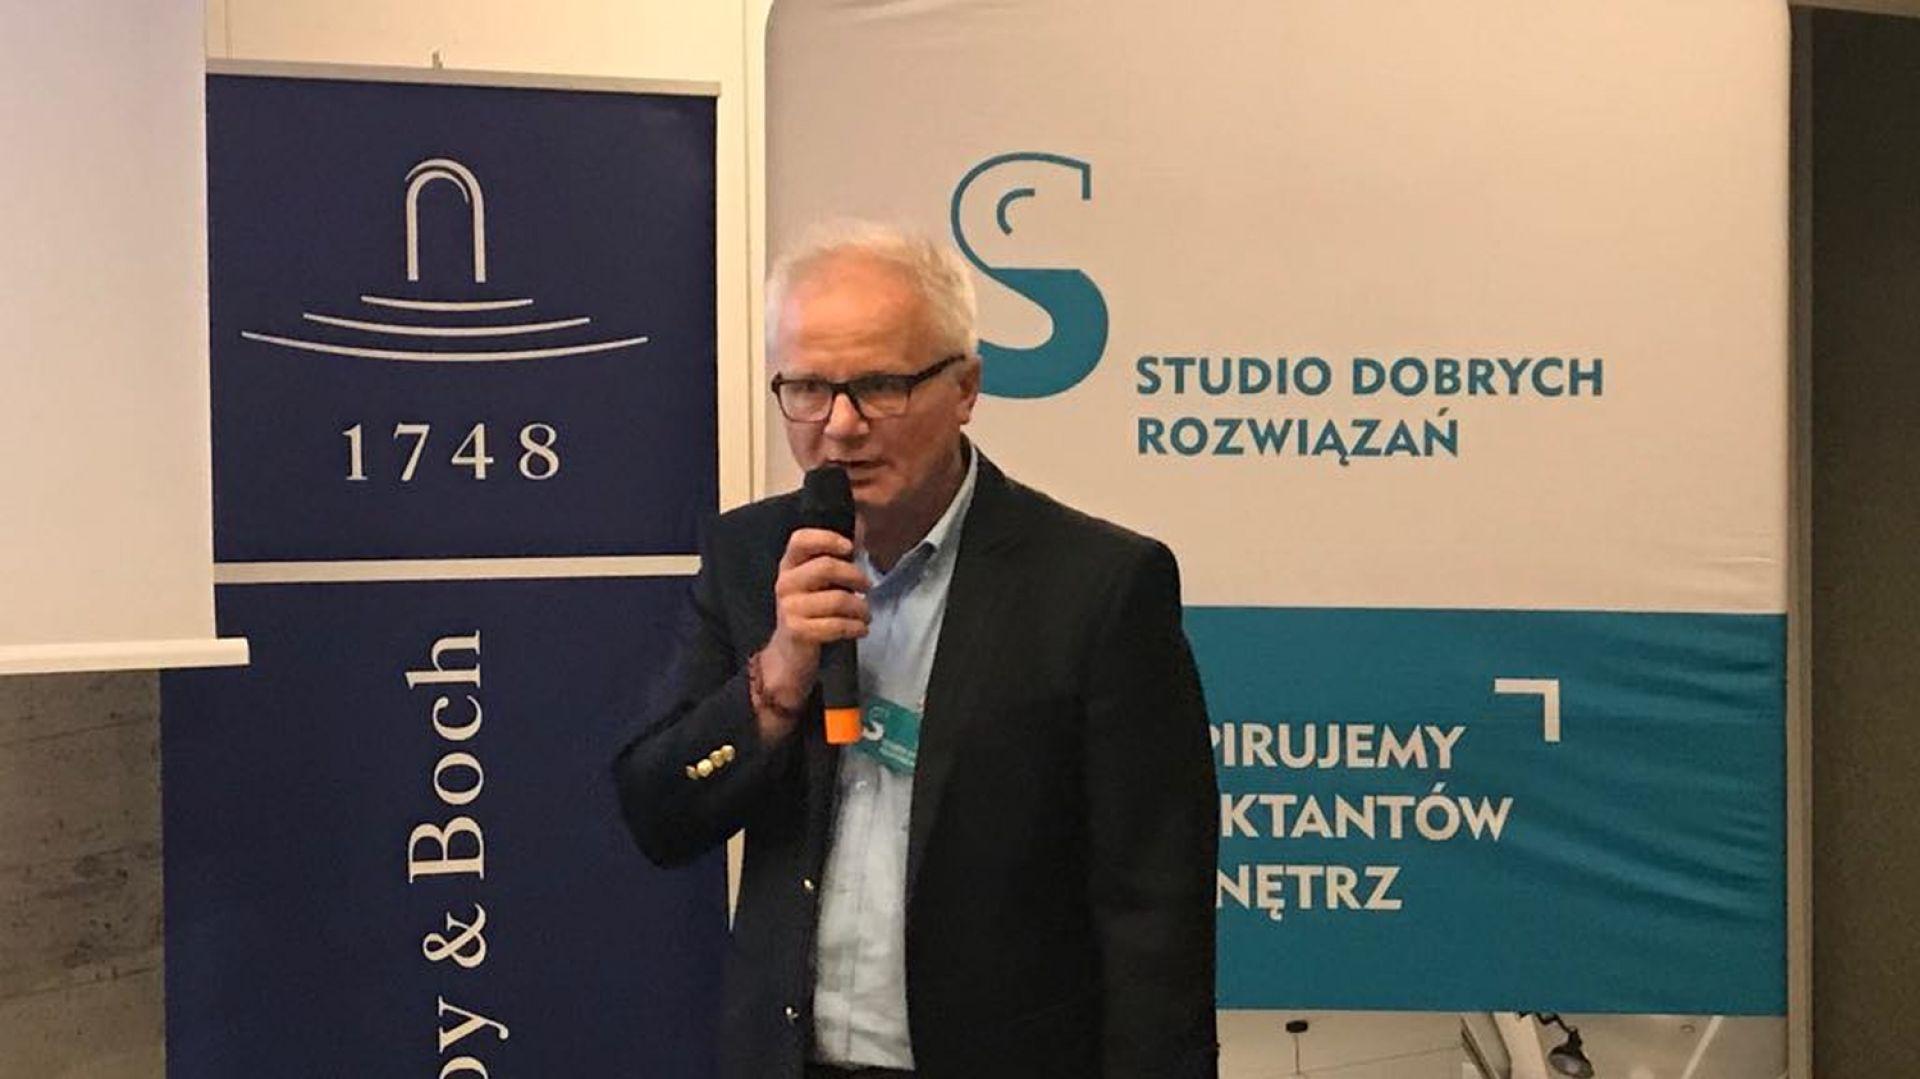 Jacek Jakubiak, Pfleiderer